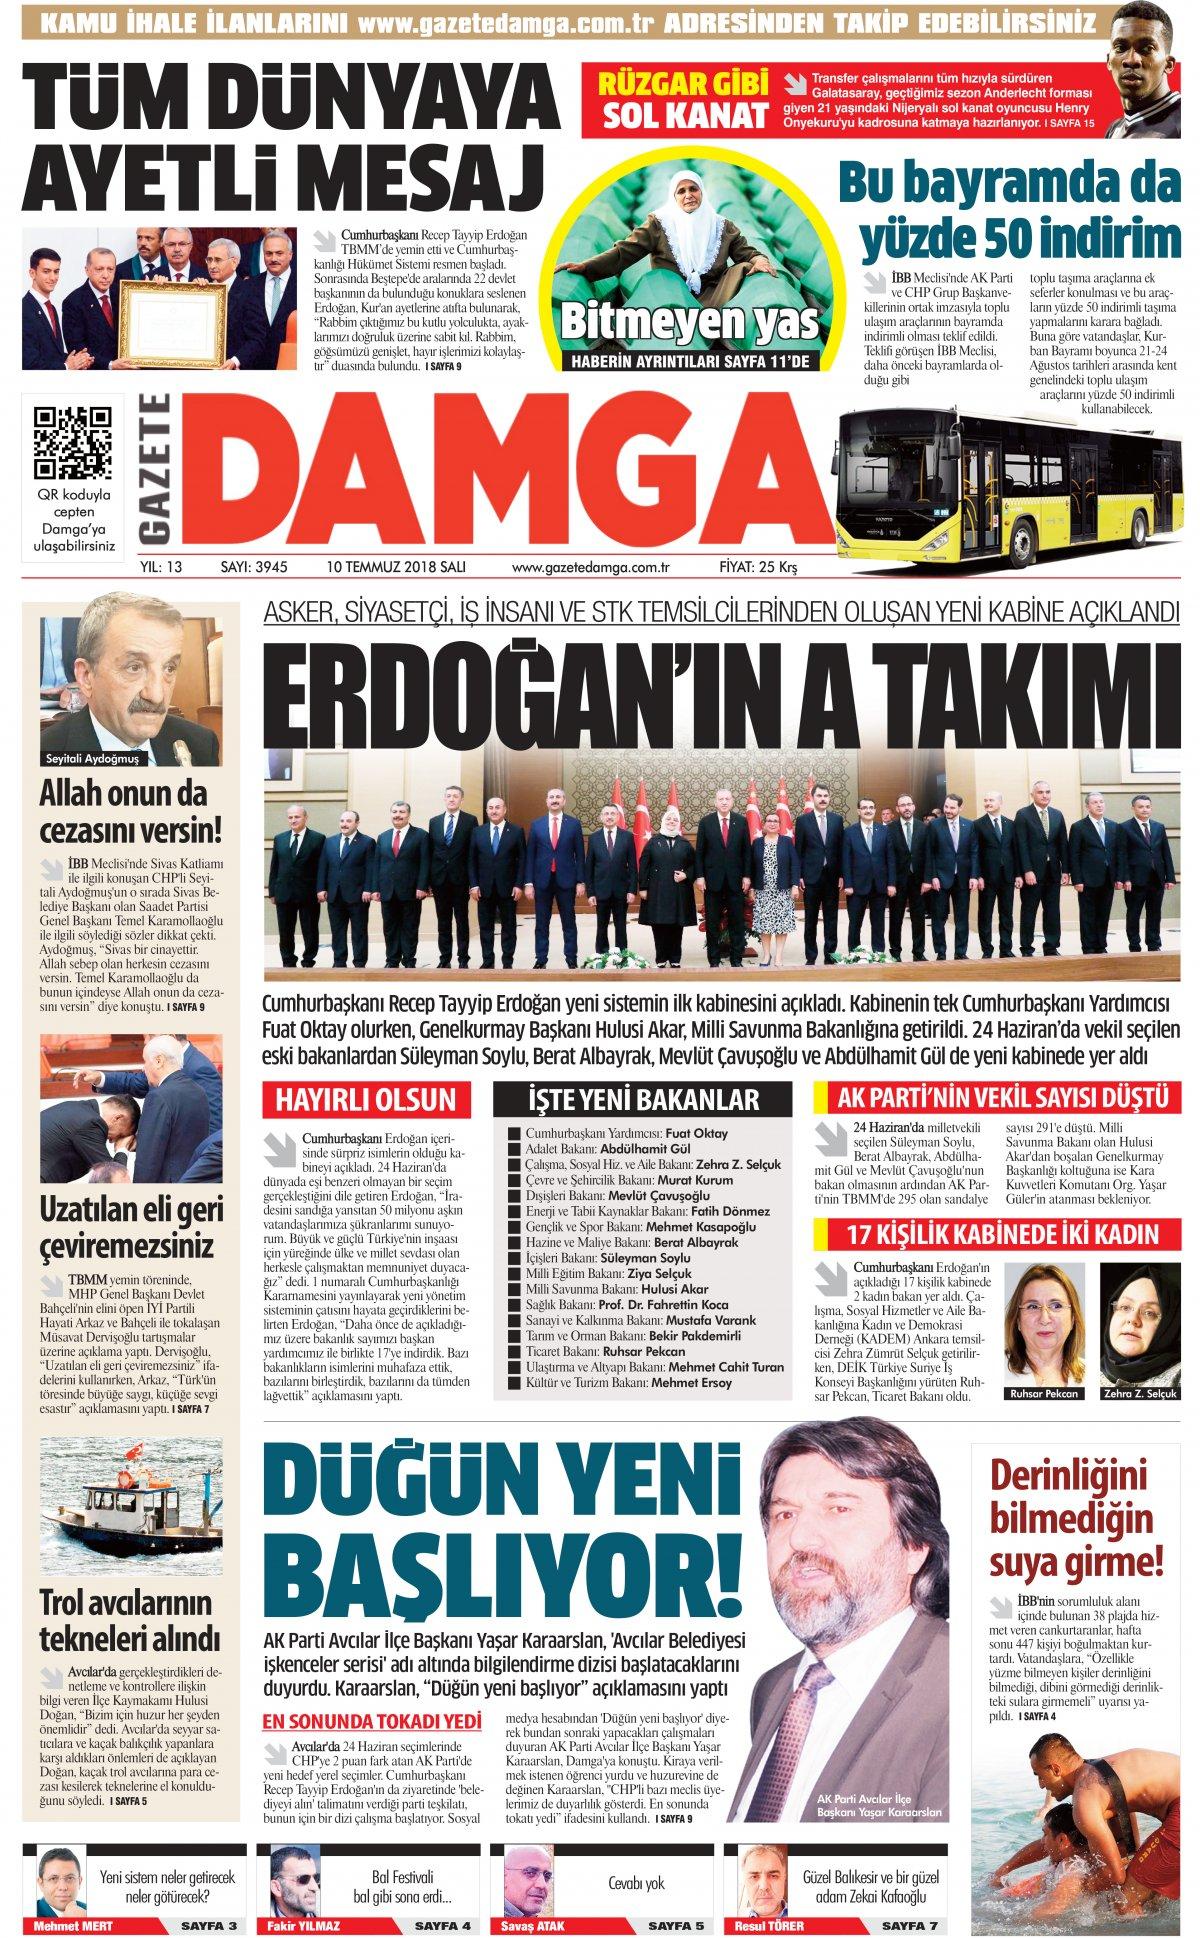 Gazete Damga - 10.07.2018 Manşeti